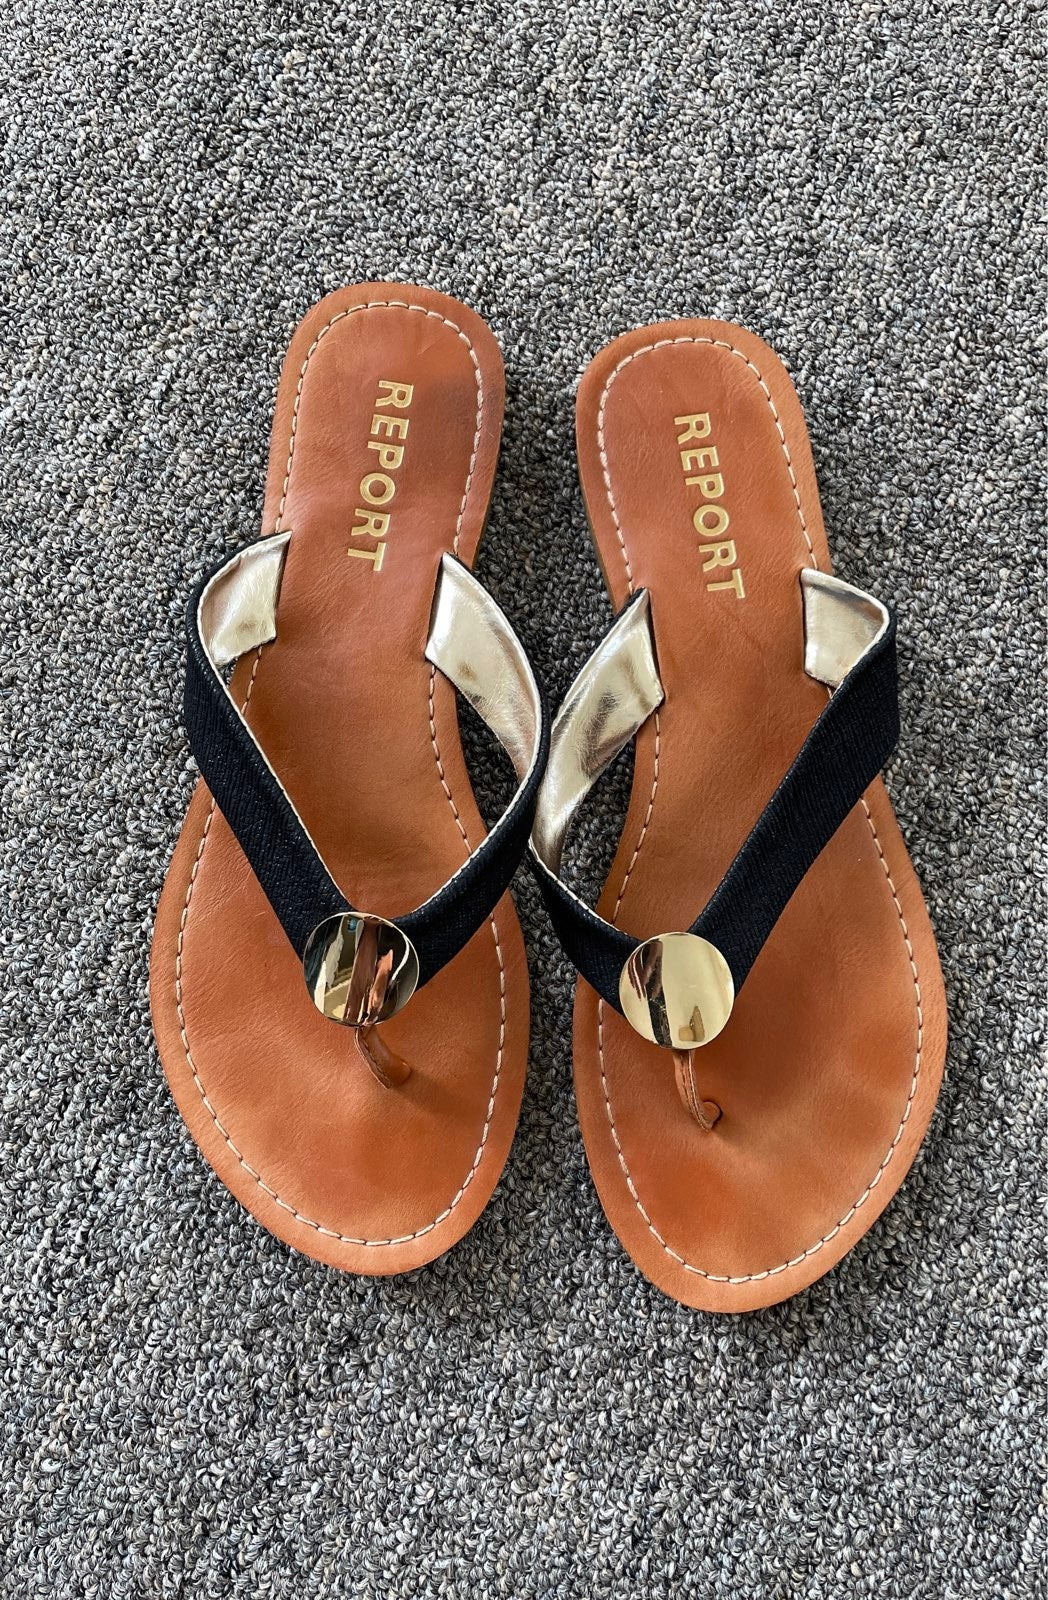 Sandals size 6.5